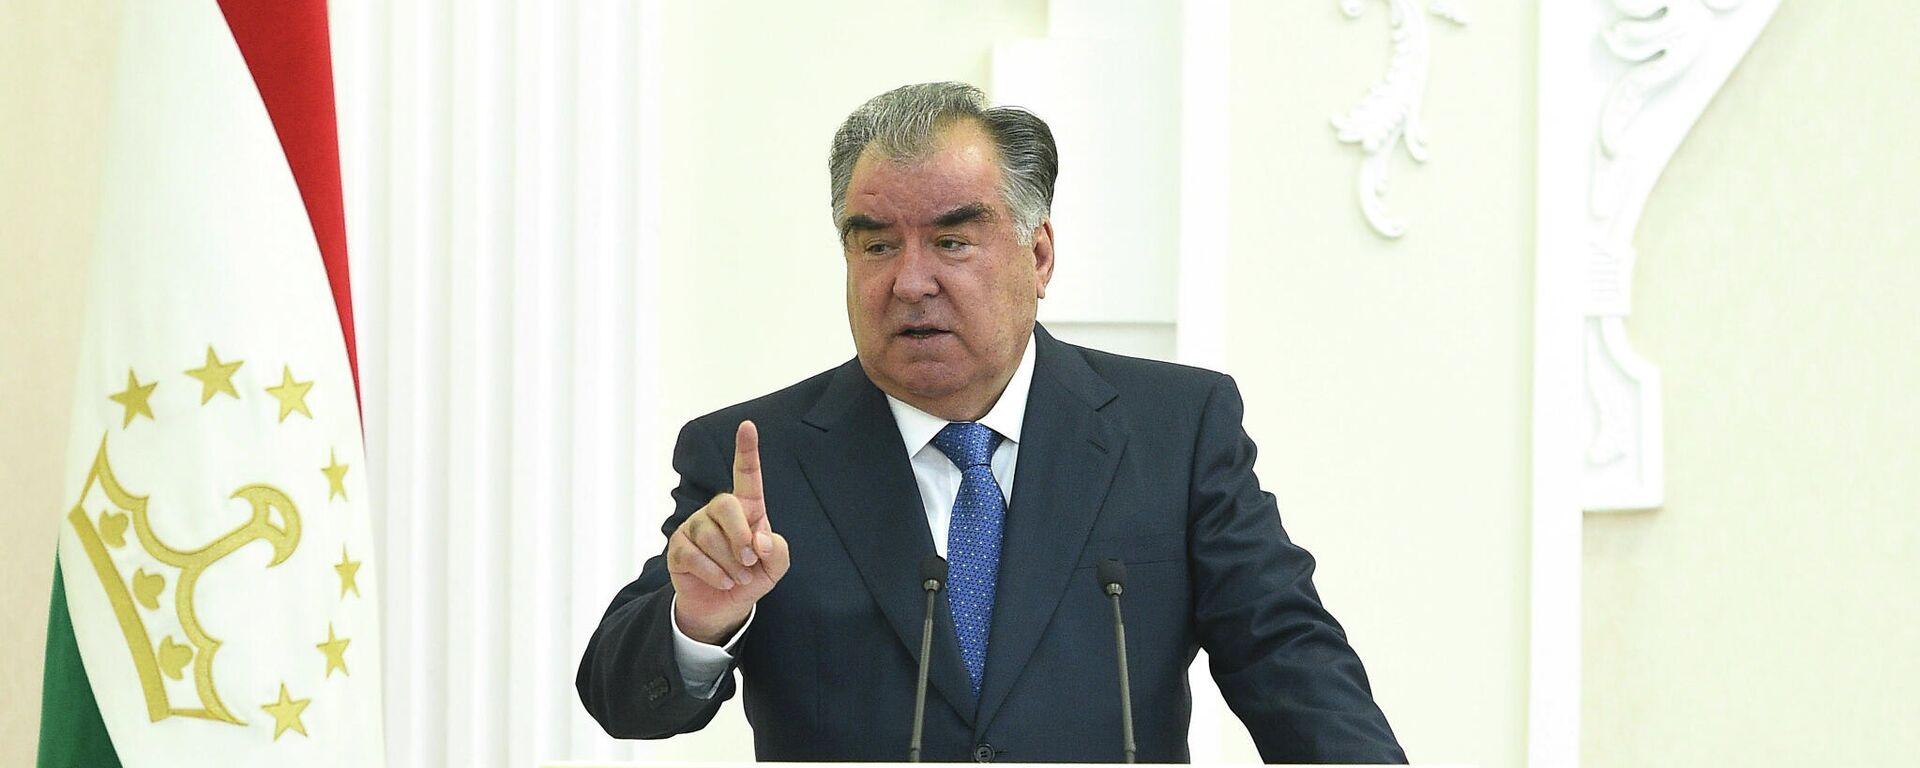 Президент Таджикистана Эмомали Рахмон - Sputnik Тоҷикистон, 1920, 24.09.2021